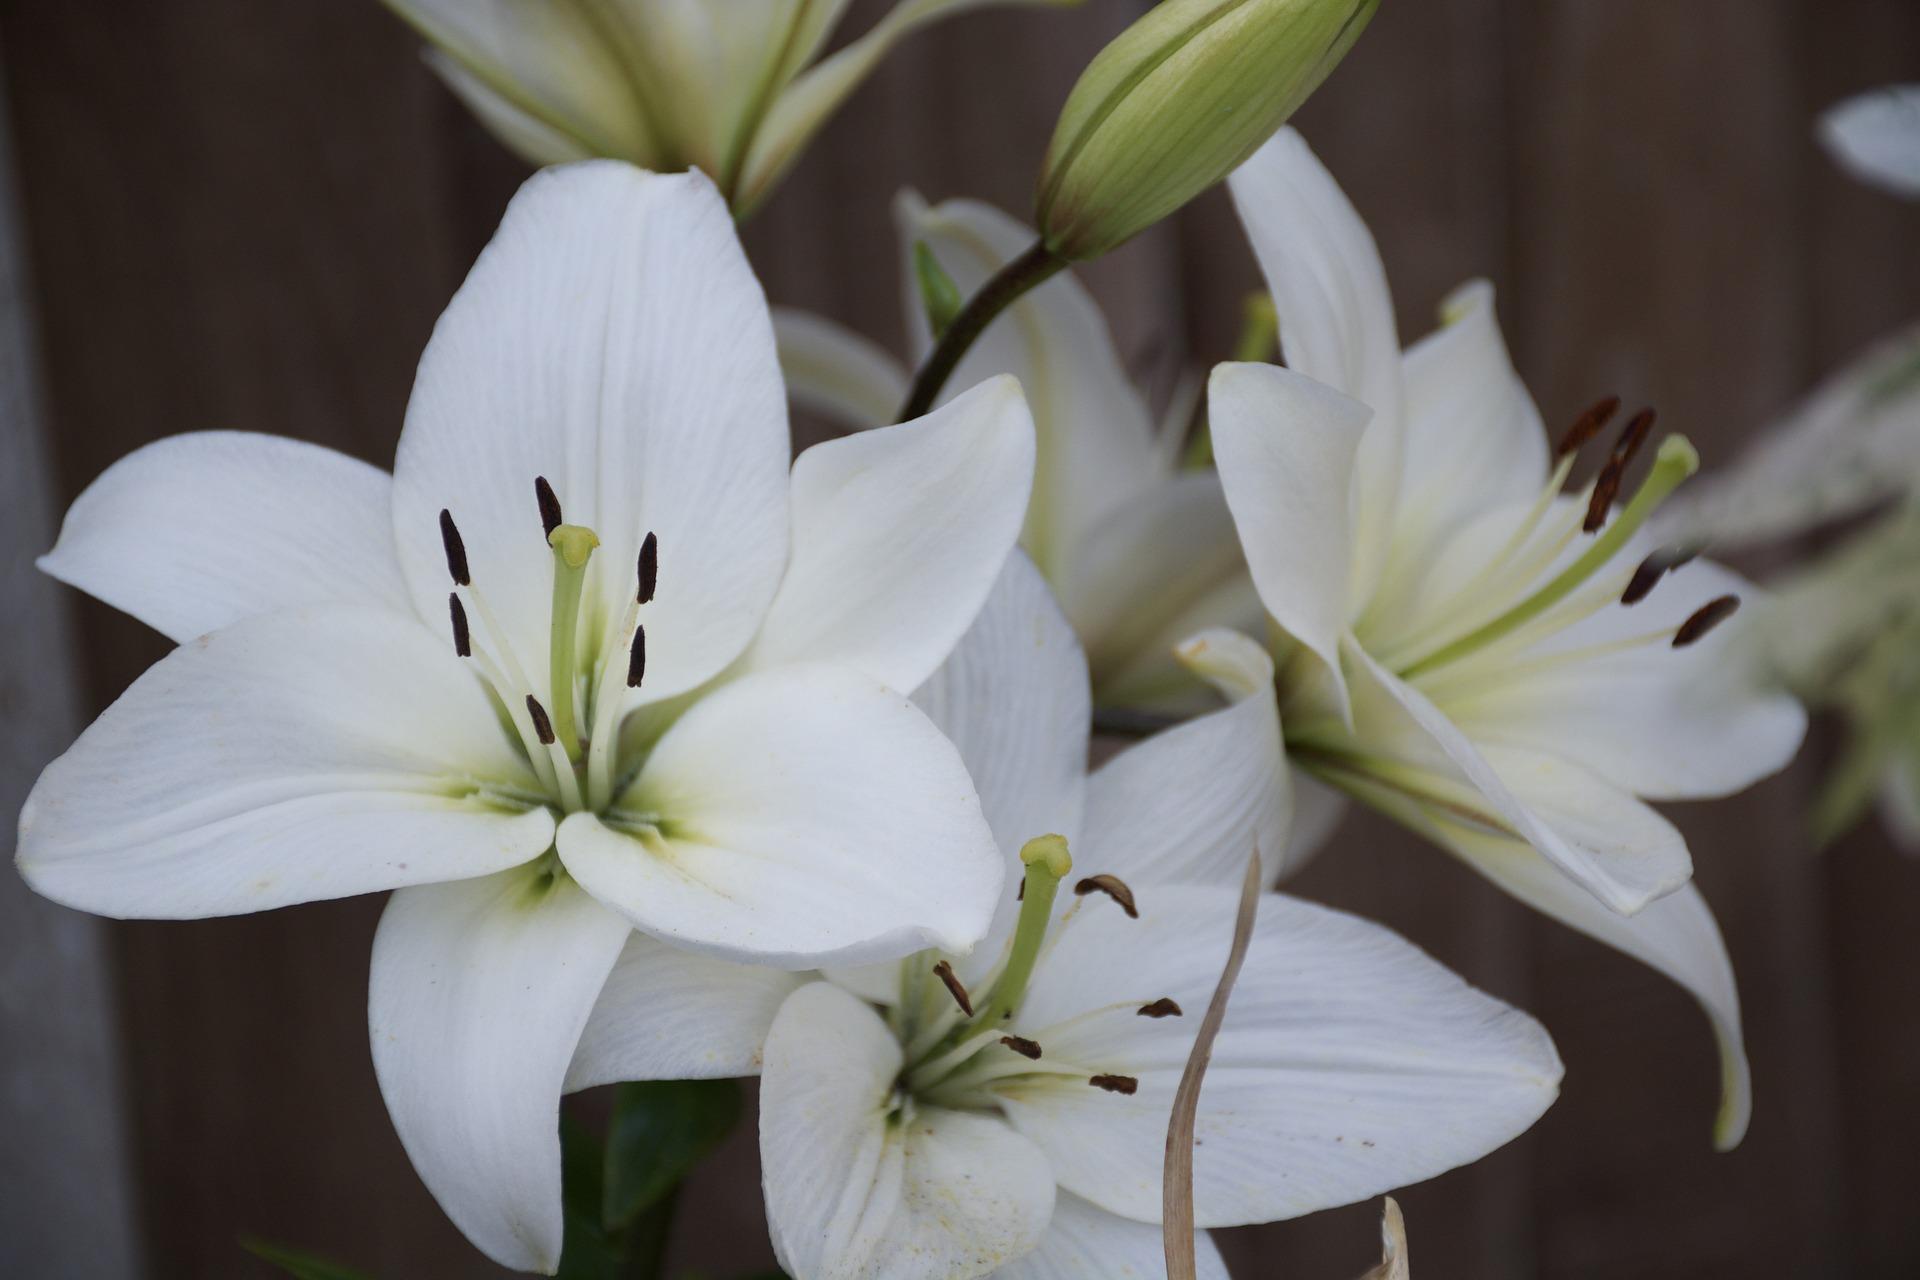 flower-980689_1920